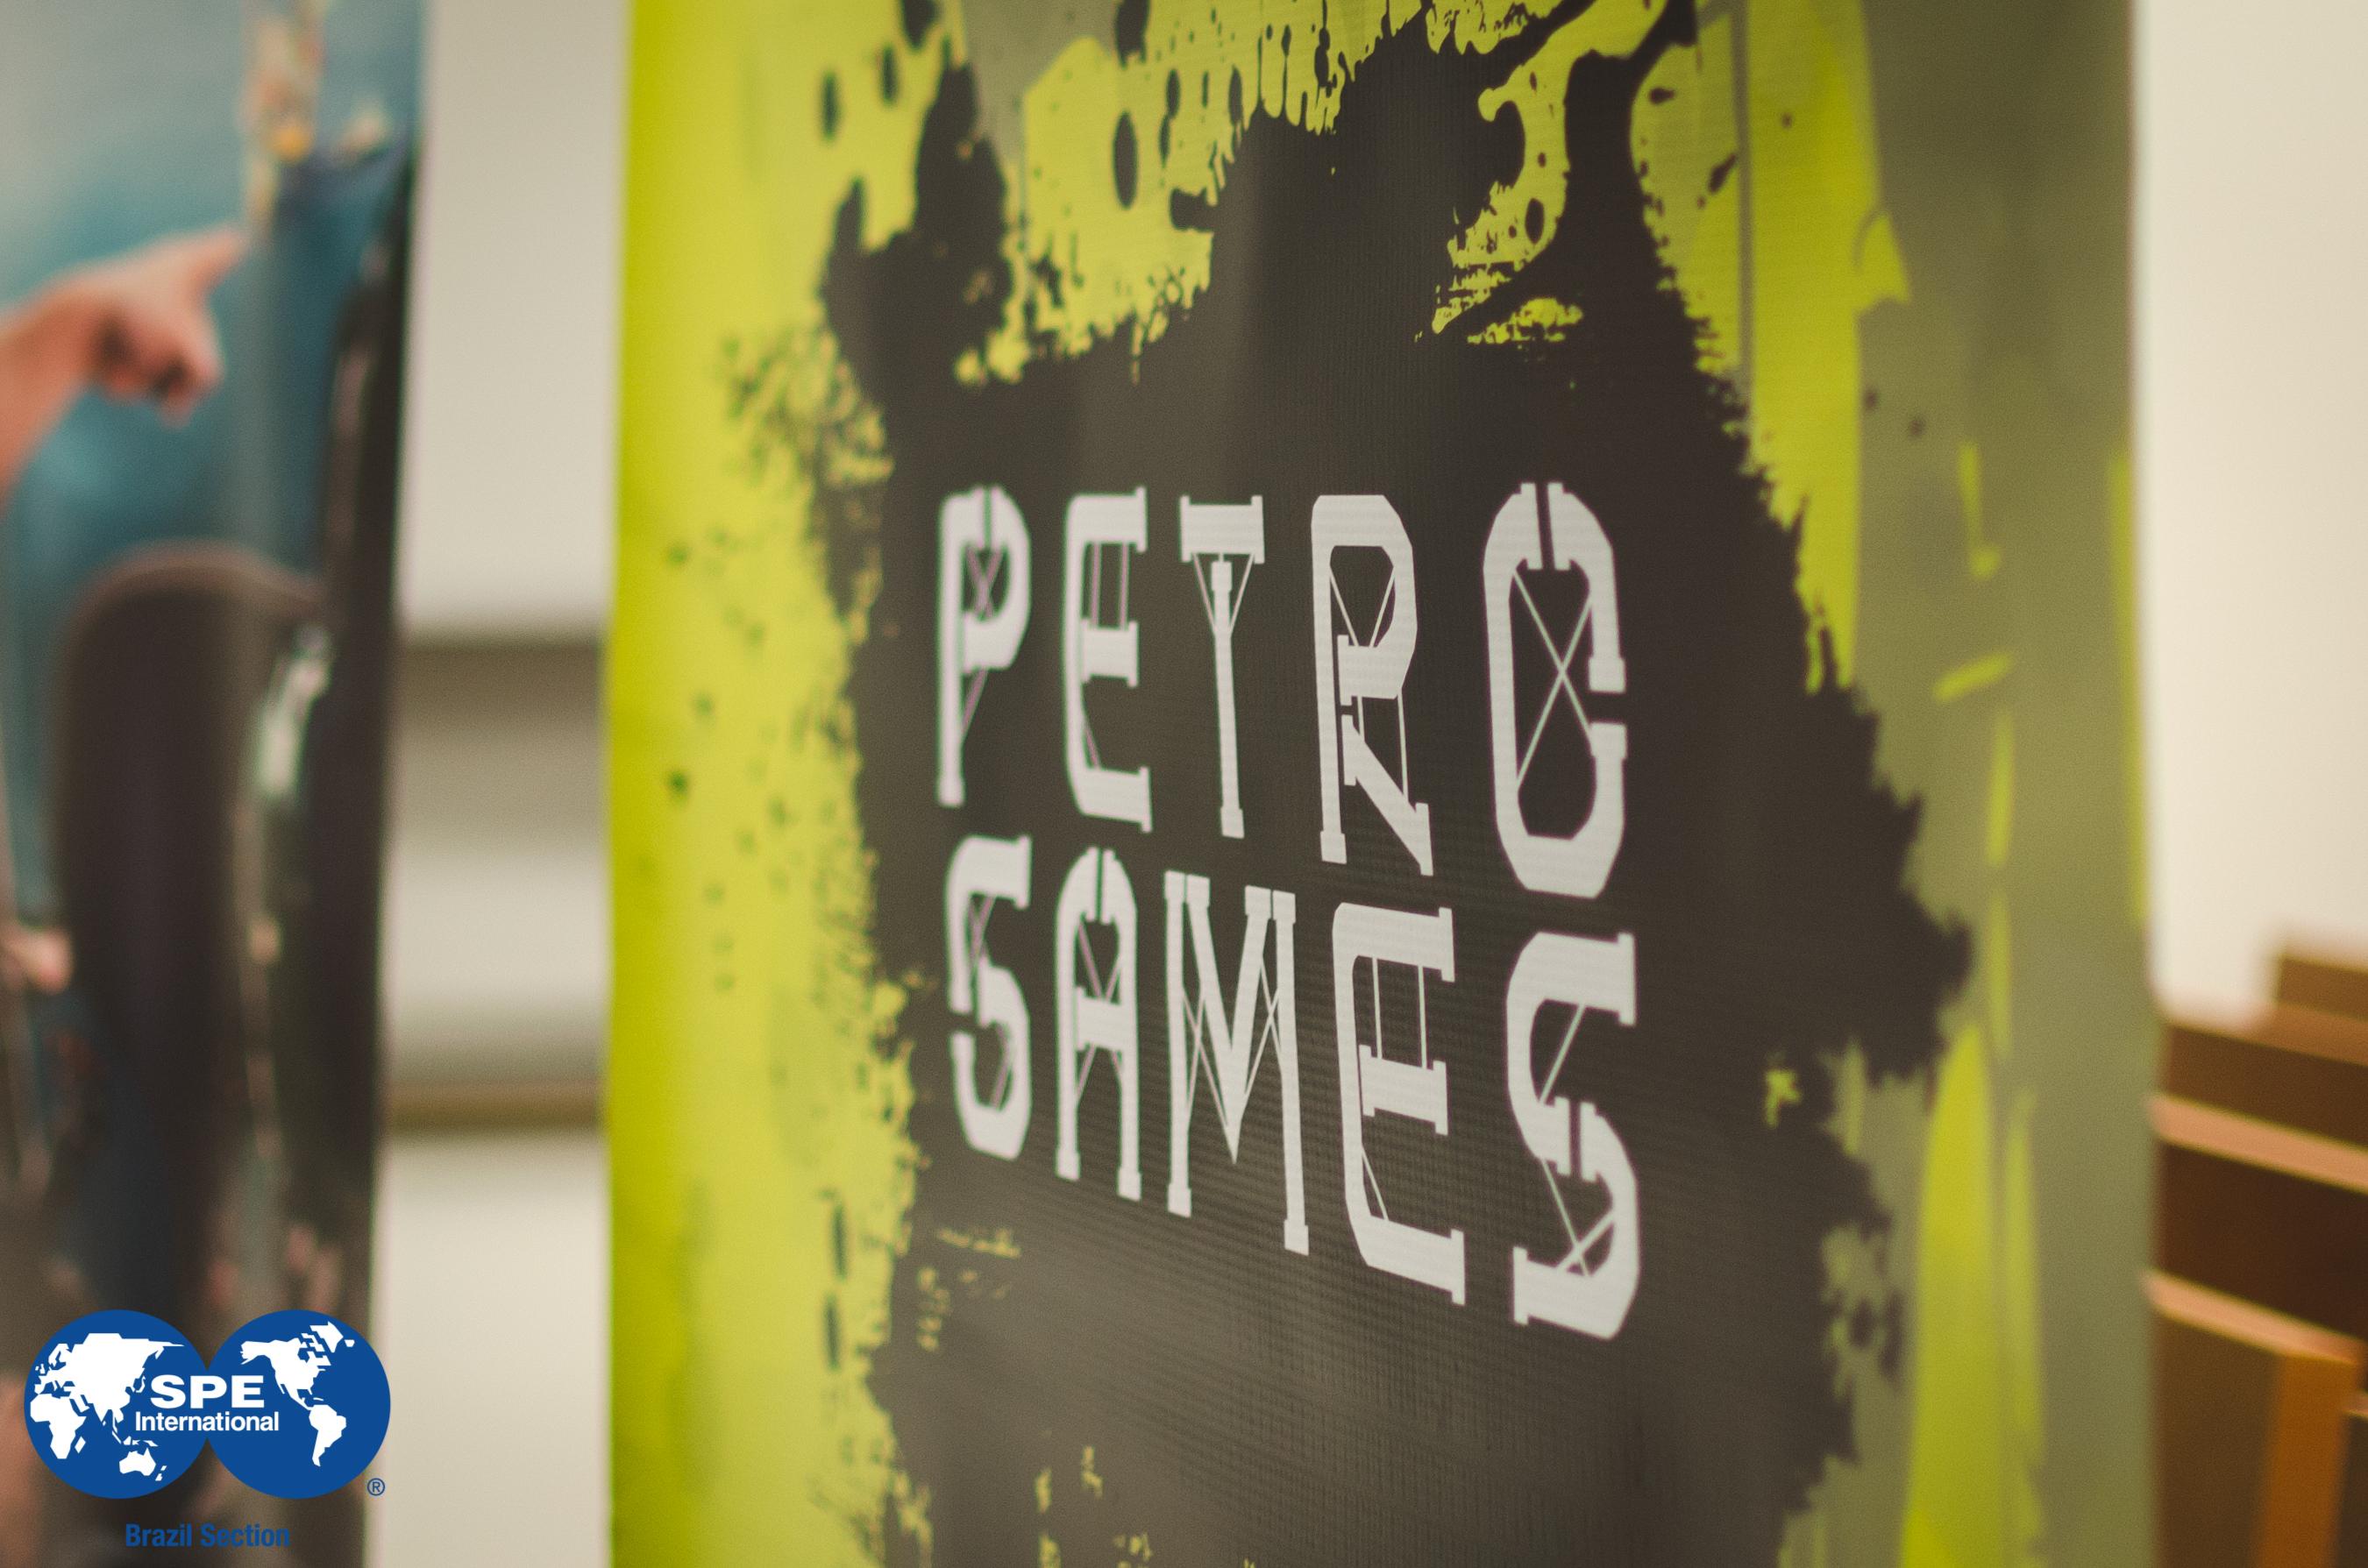 Realizado: PetroGames 2019.2